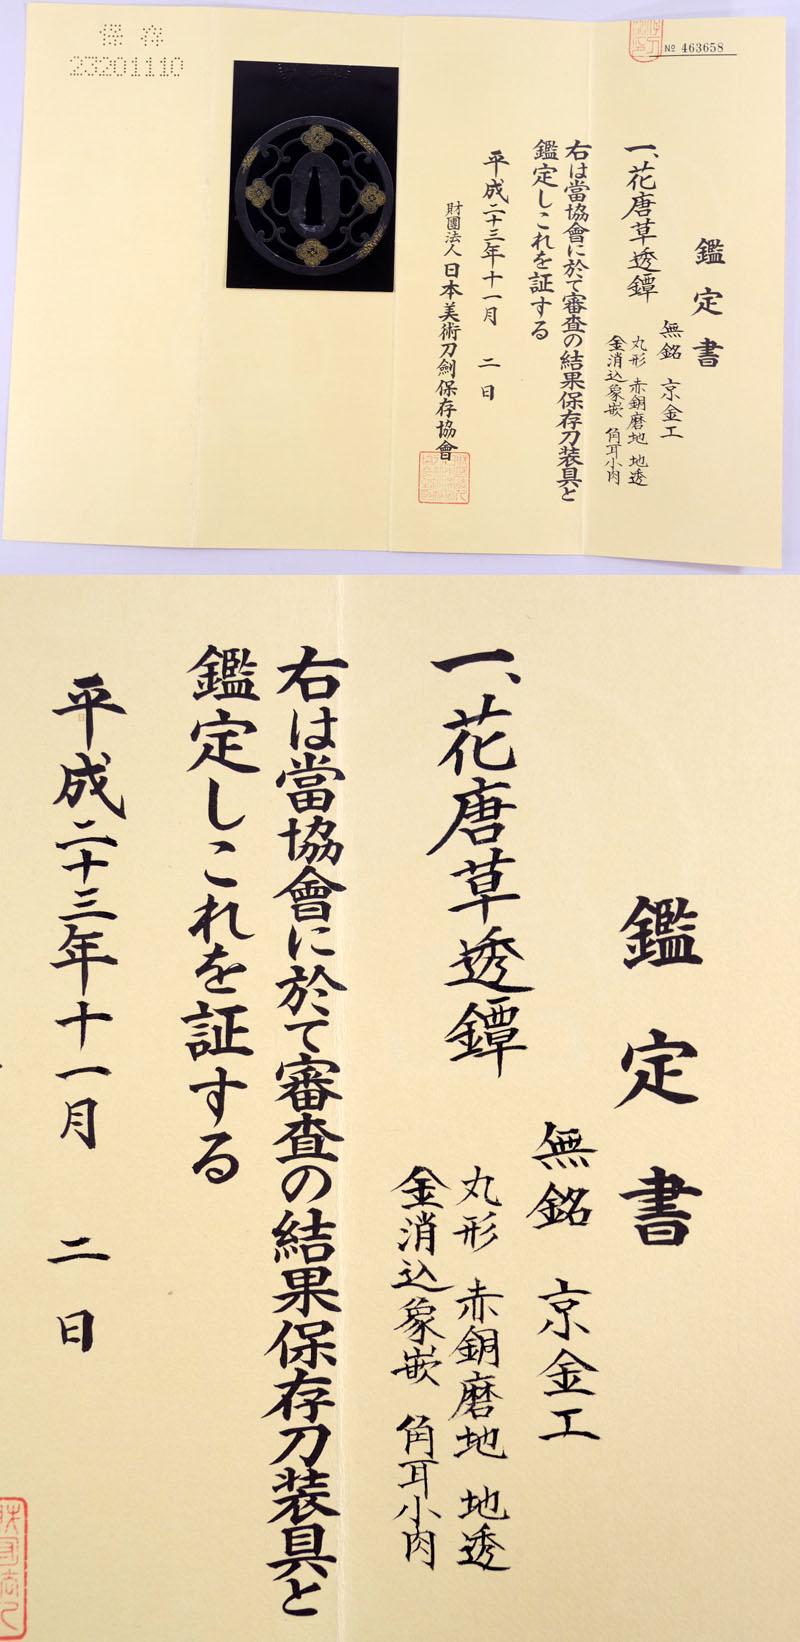 花唐草透鍔 無銘 京金工 Picture of Certificate